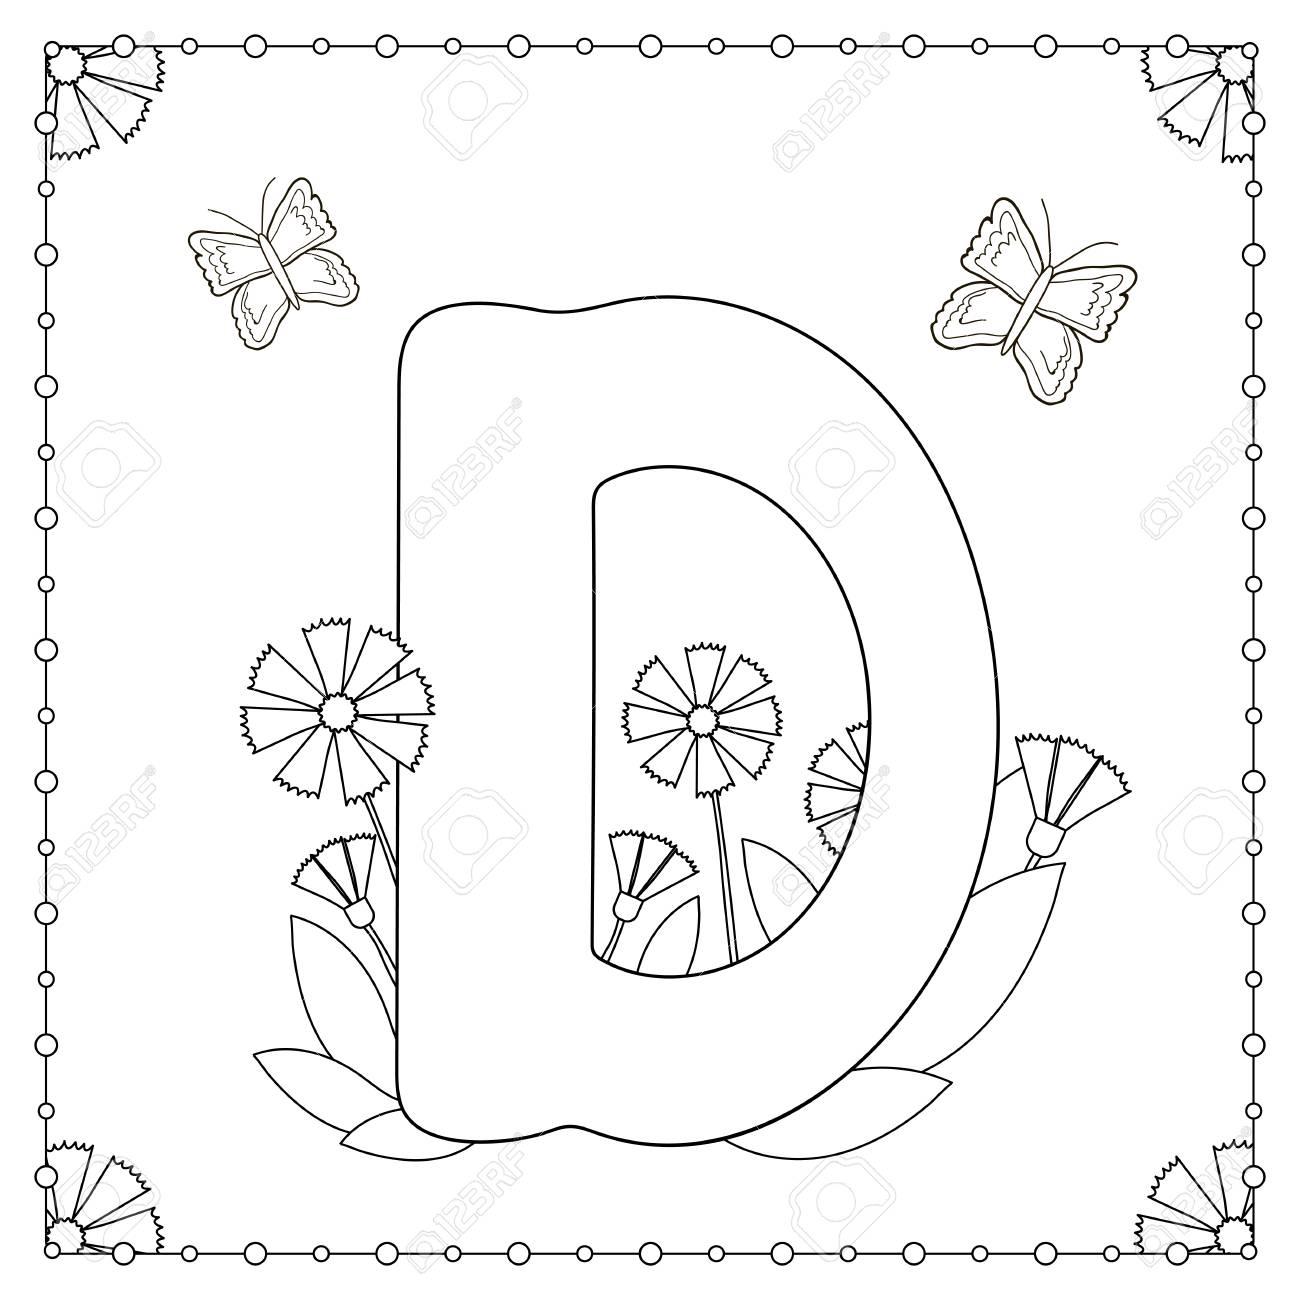 Malvorlagen Zum Thema Alphabet. Großbuchstabe \